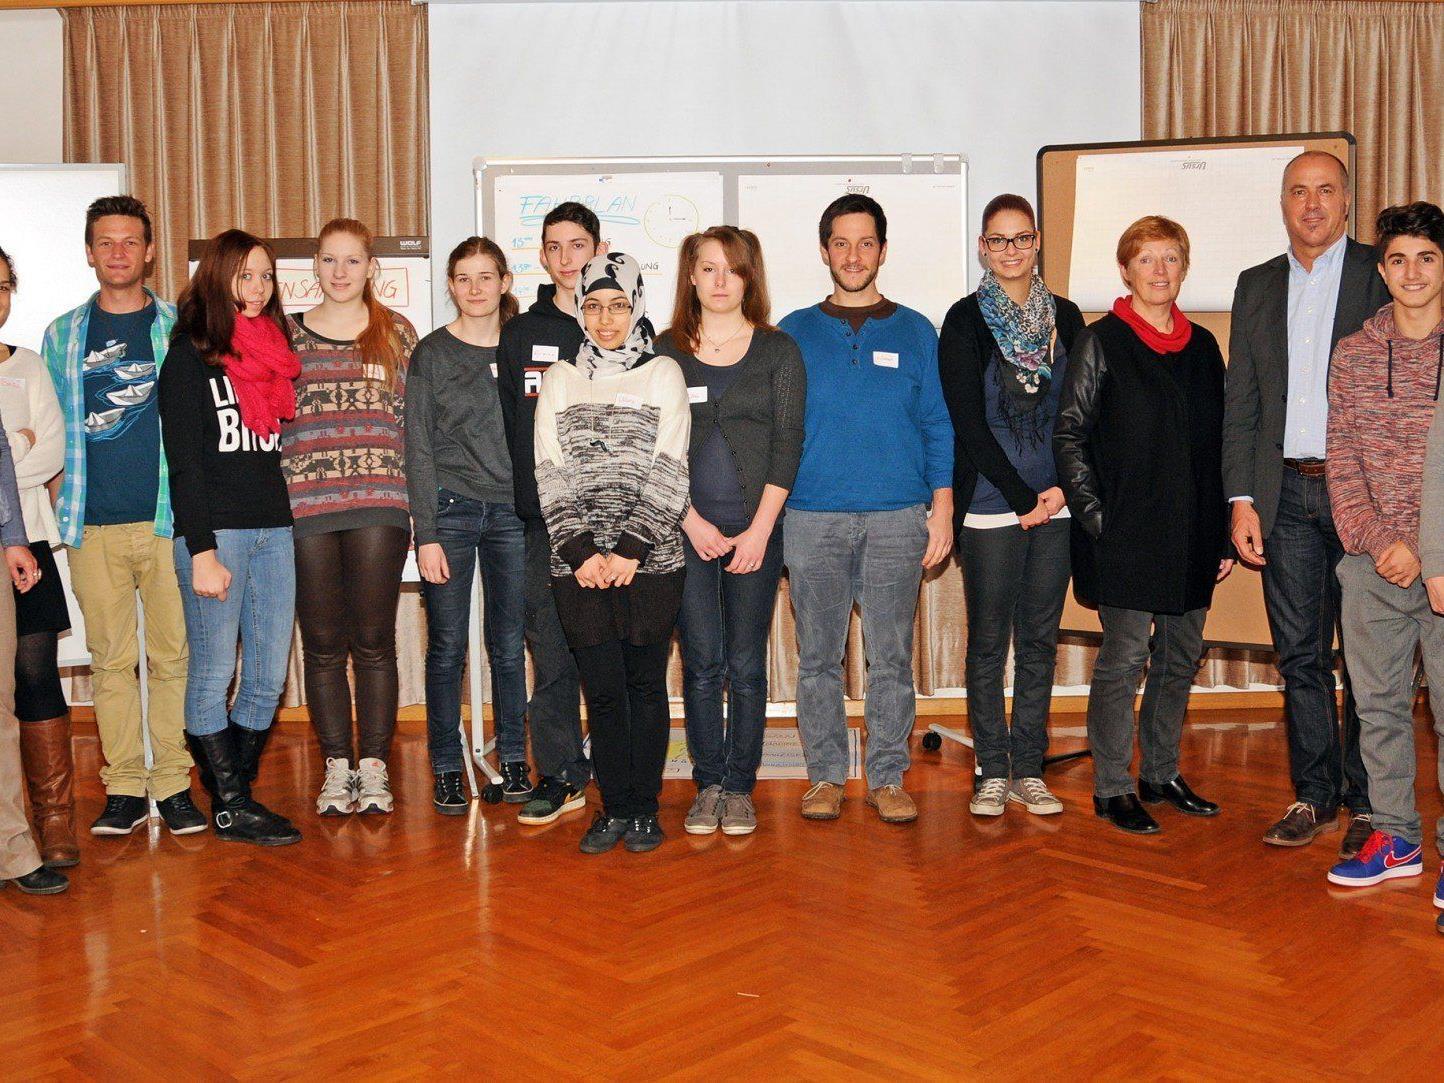 Die Mitglieder des Höchster Jugendrates mit Moderatorinnen und Politikerinnen/Politikern